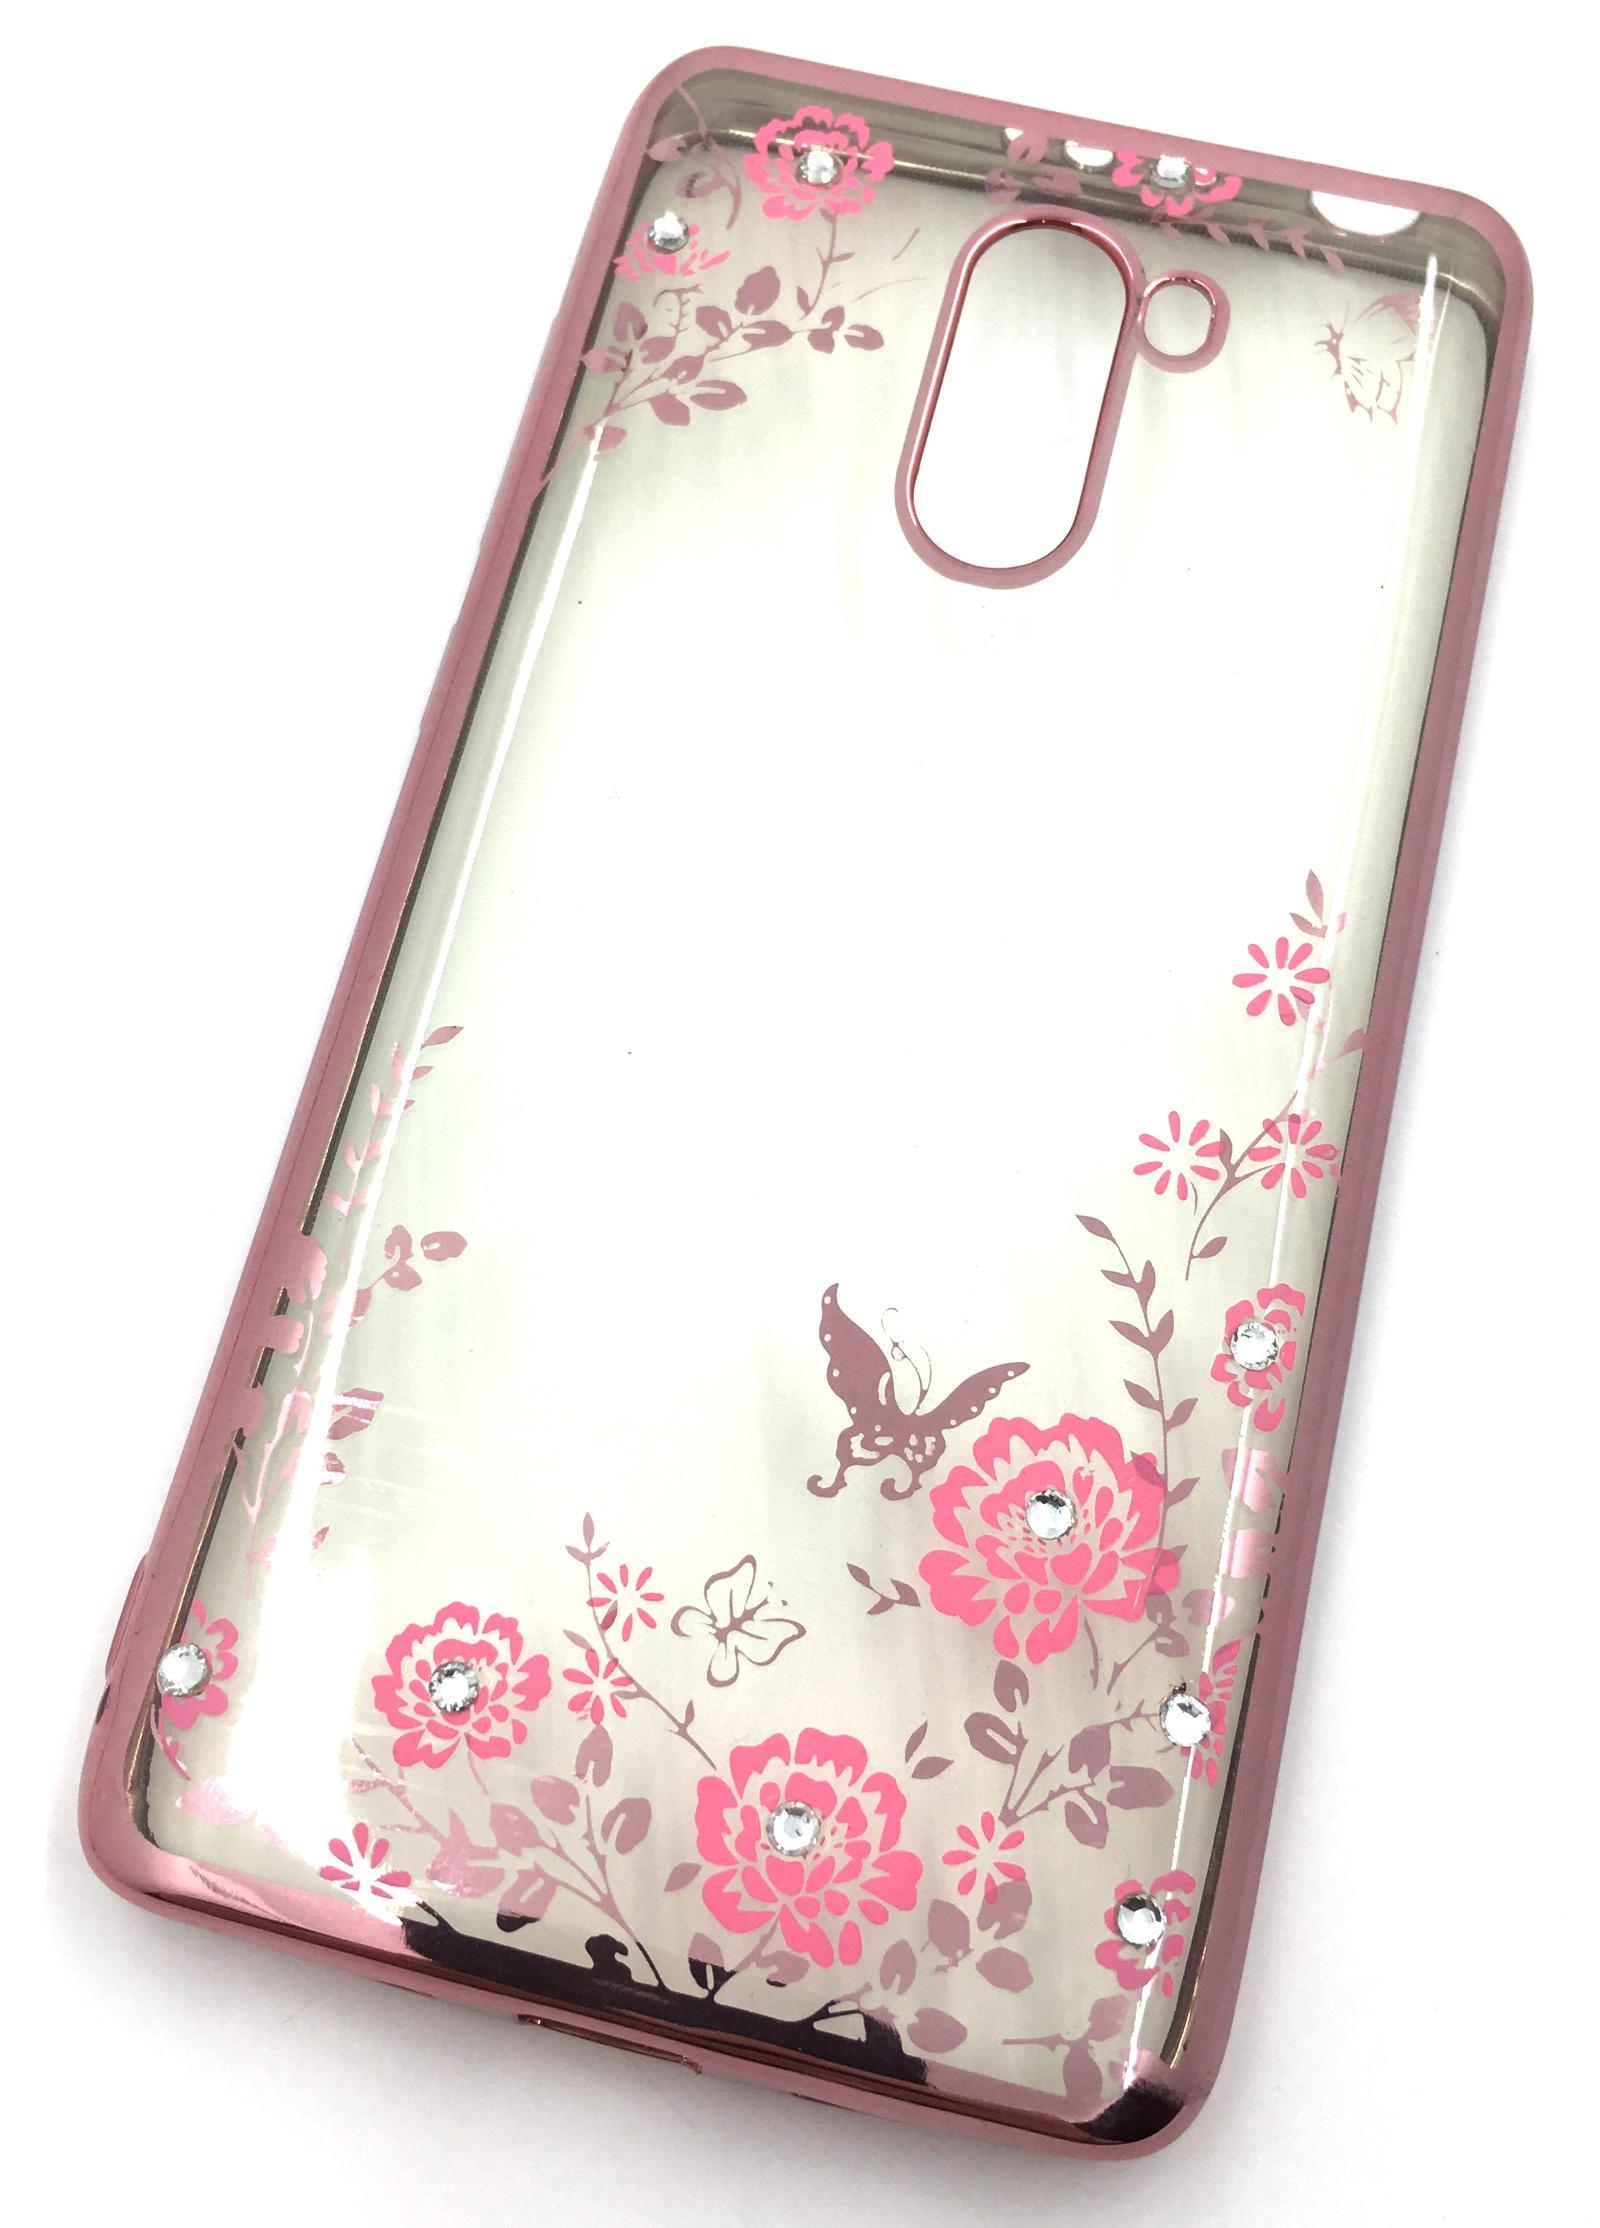 Чехол для сотового телефона Мобильная мода Xiaomi Redmi 4 Pro Силиконовая, прозрачная накладка со стразами, 6 992R, розовый, золотой чехол для сотового телефона мобильная мода meizu pro 6 силиконовая прозрачная накладка со стразами 6371g золотой